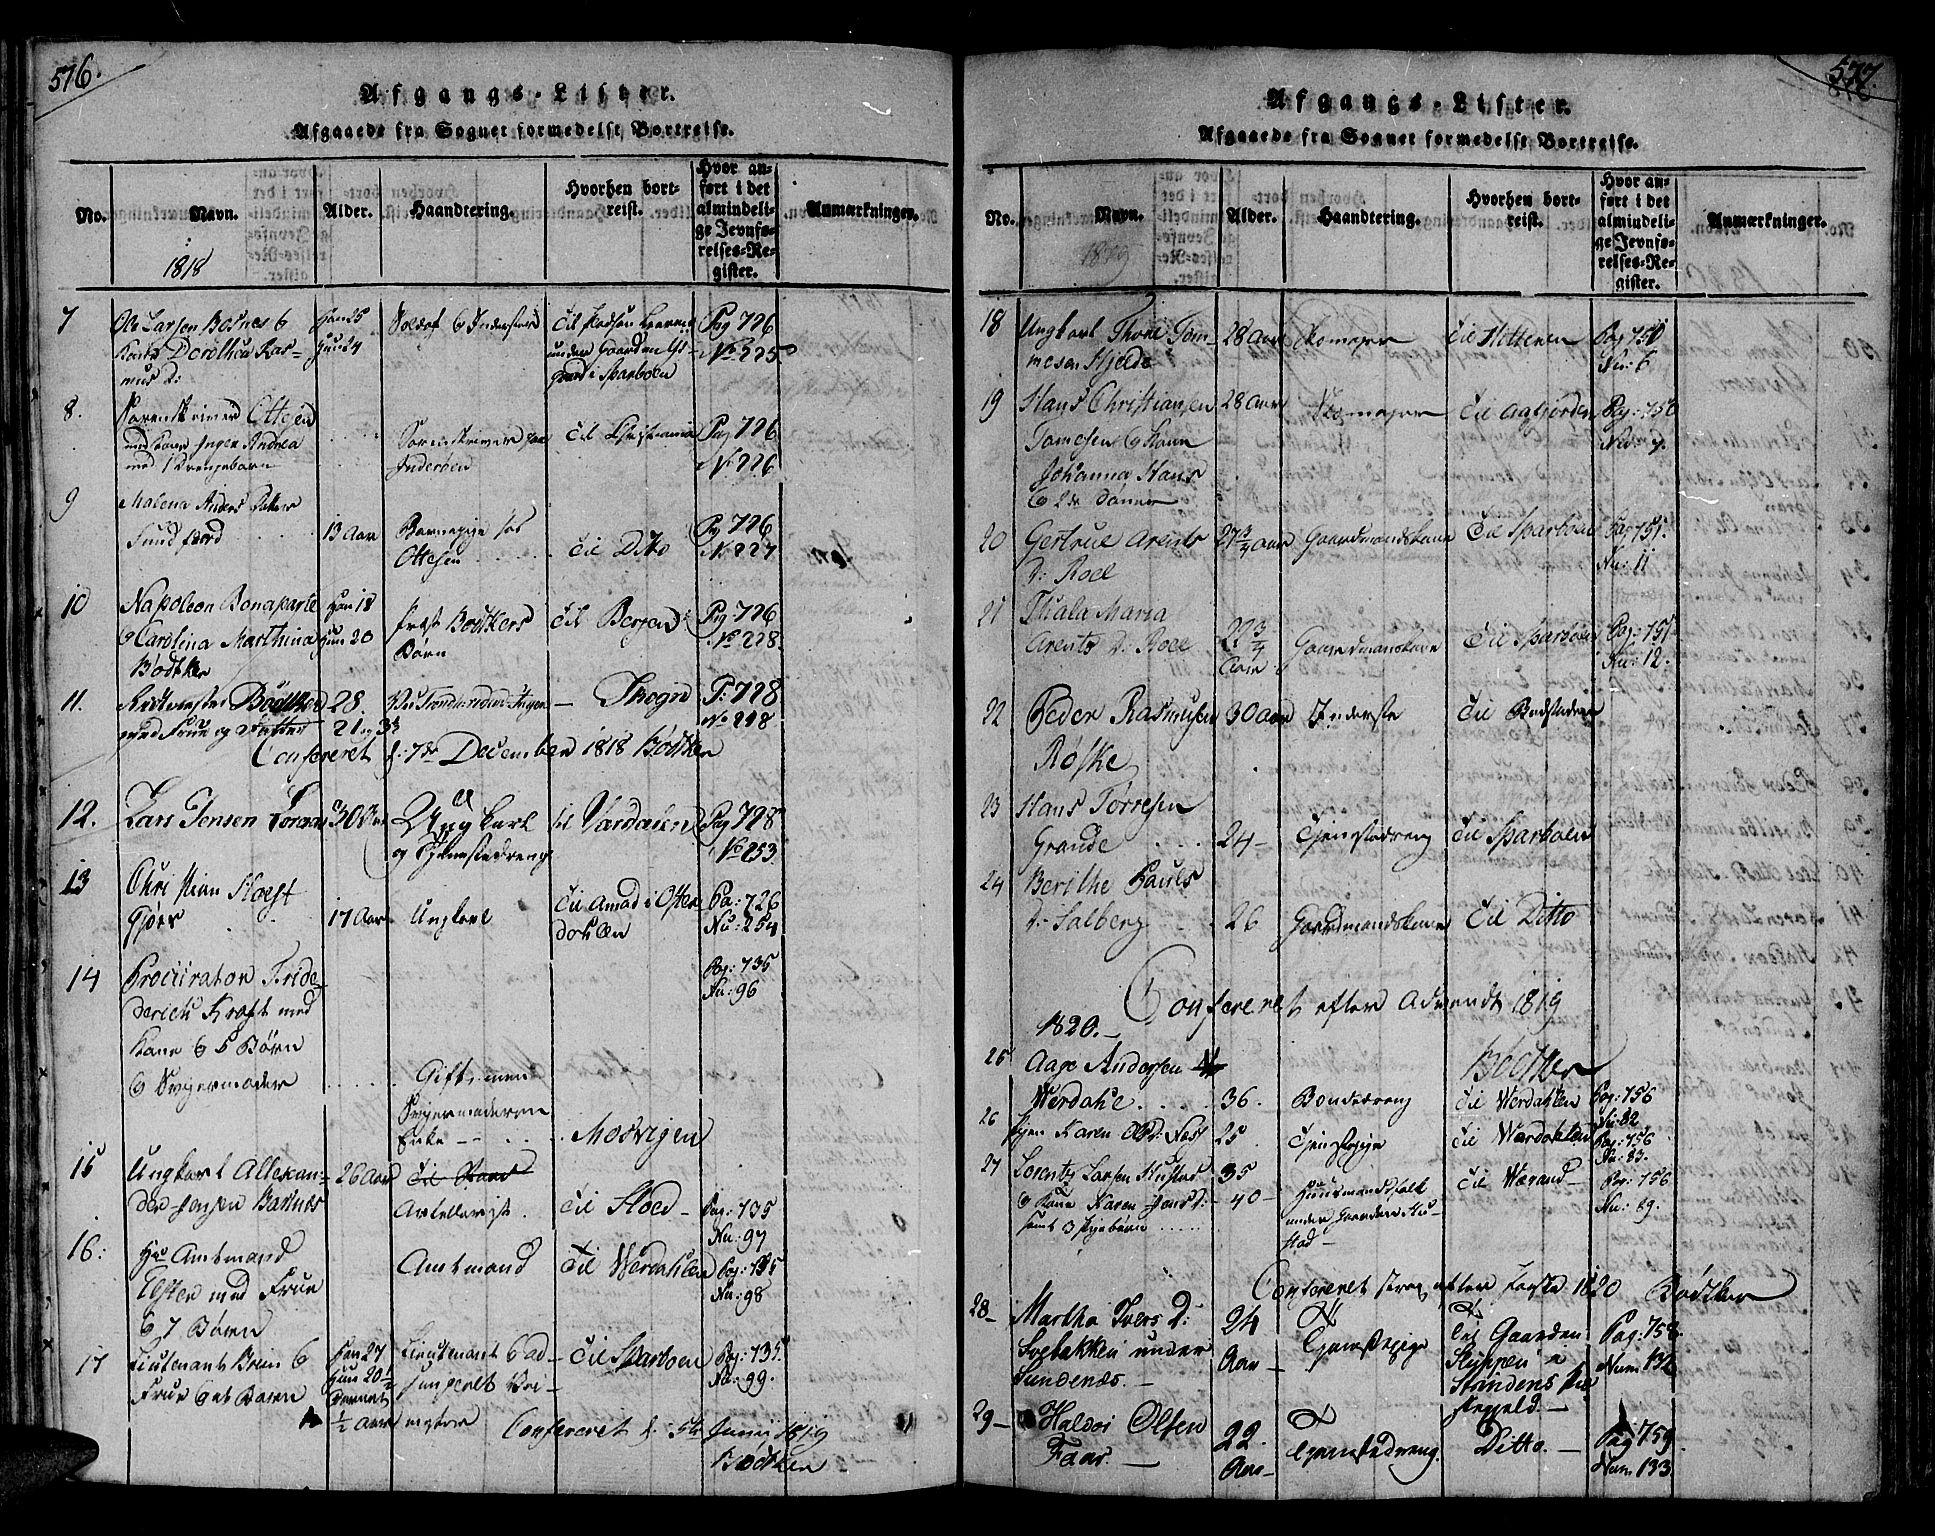 SAT, Ministerialprotokoller, klokkerbøker og fødselsregistre - Nord-Trøndelag, 730/L0275: Ministerialbok nr. 730A04, 1816-1822, s. 576-577